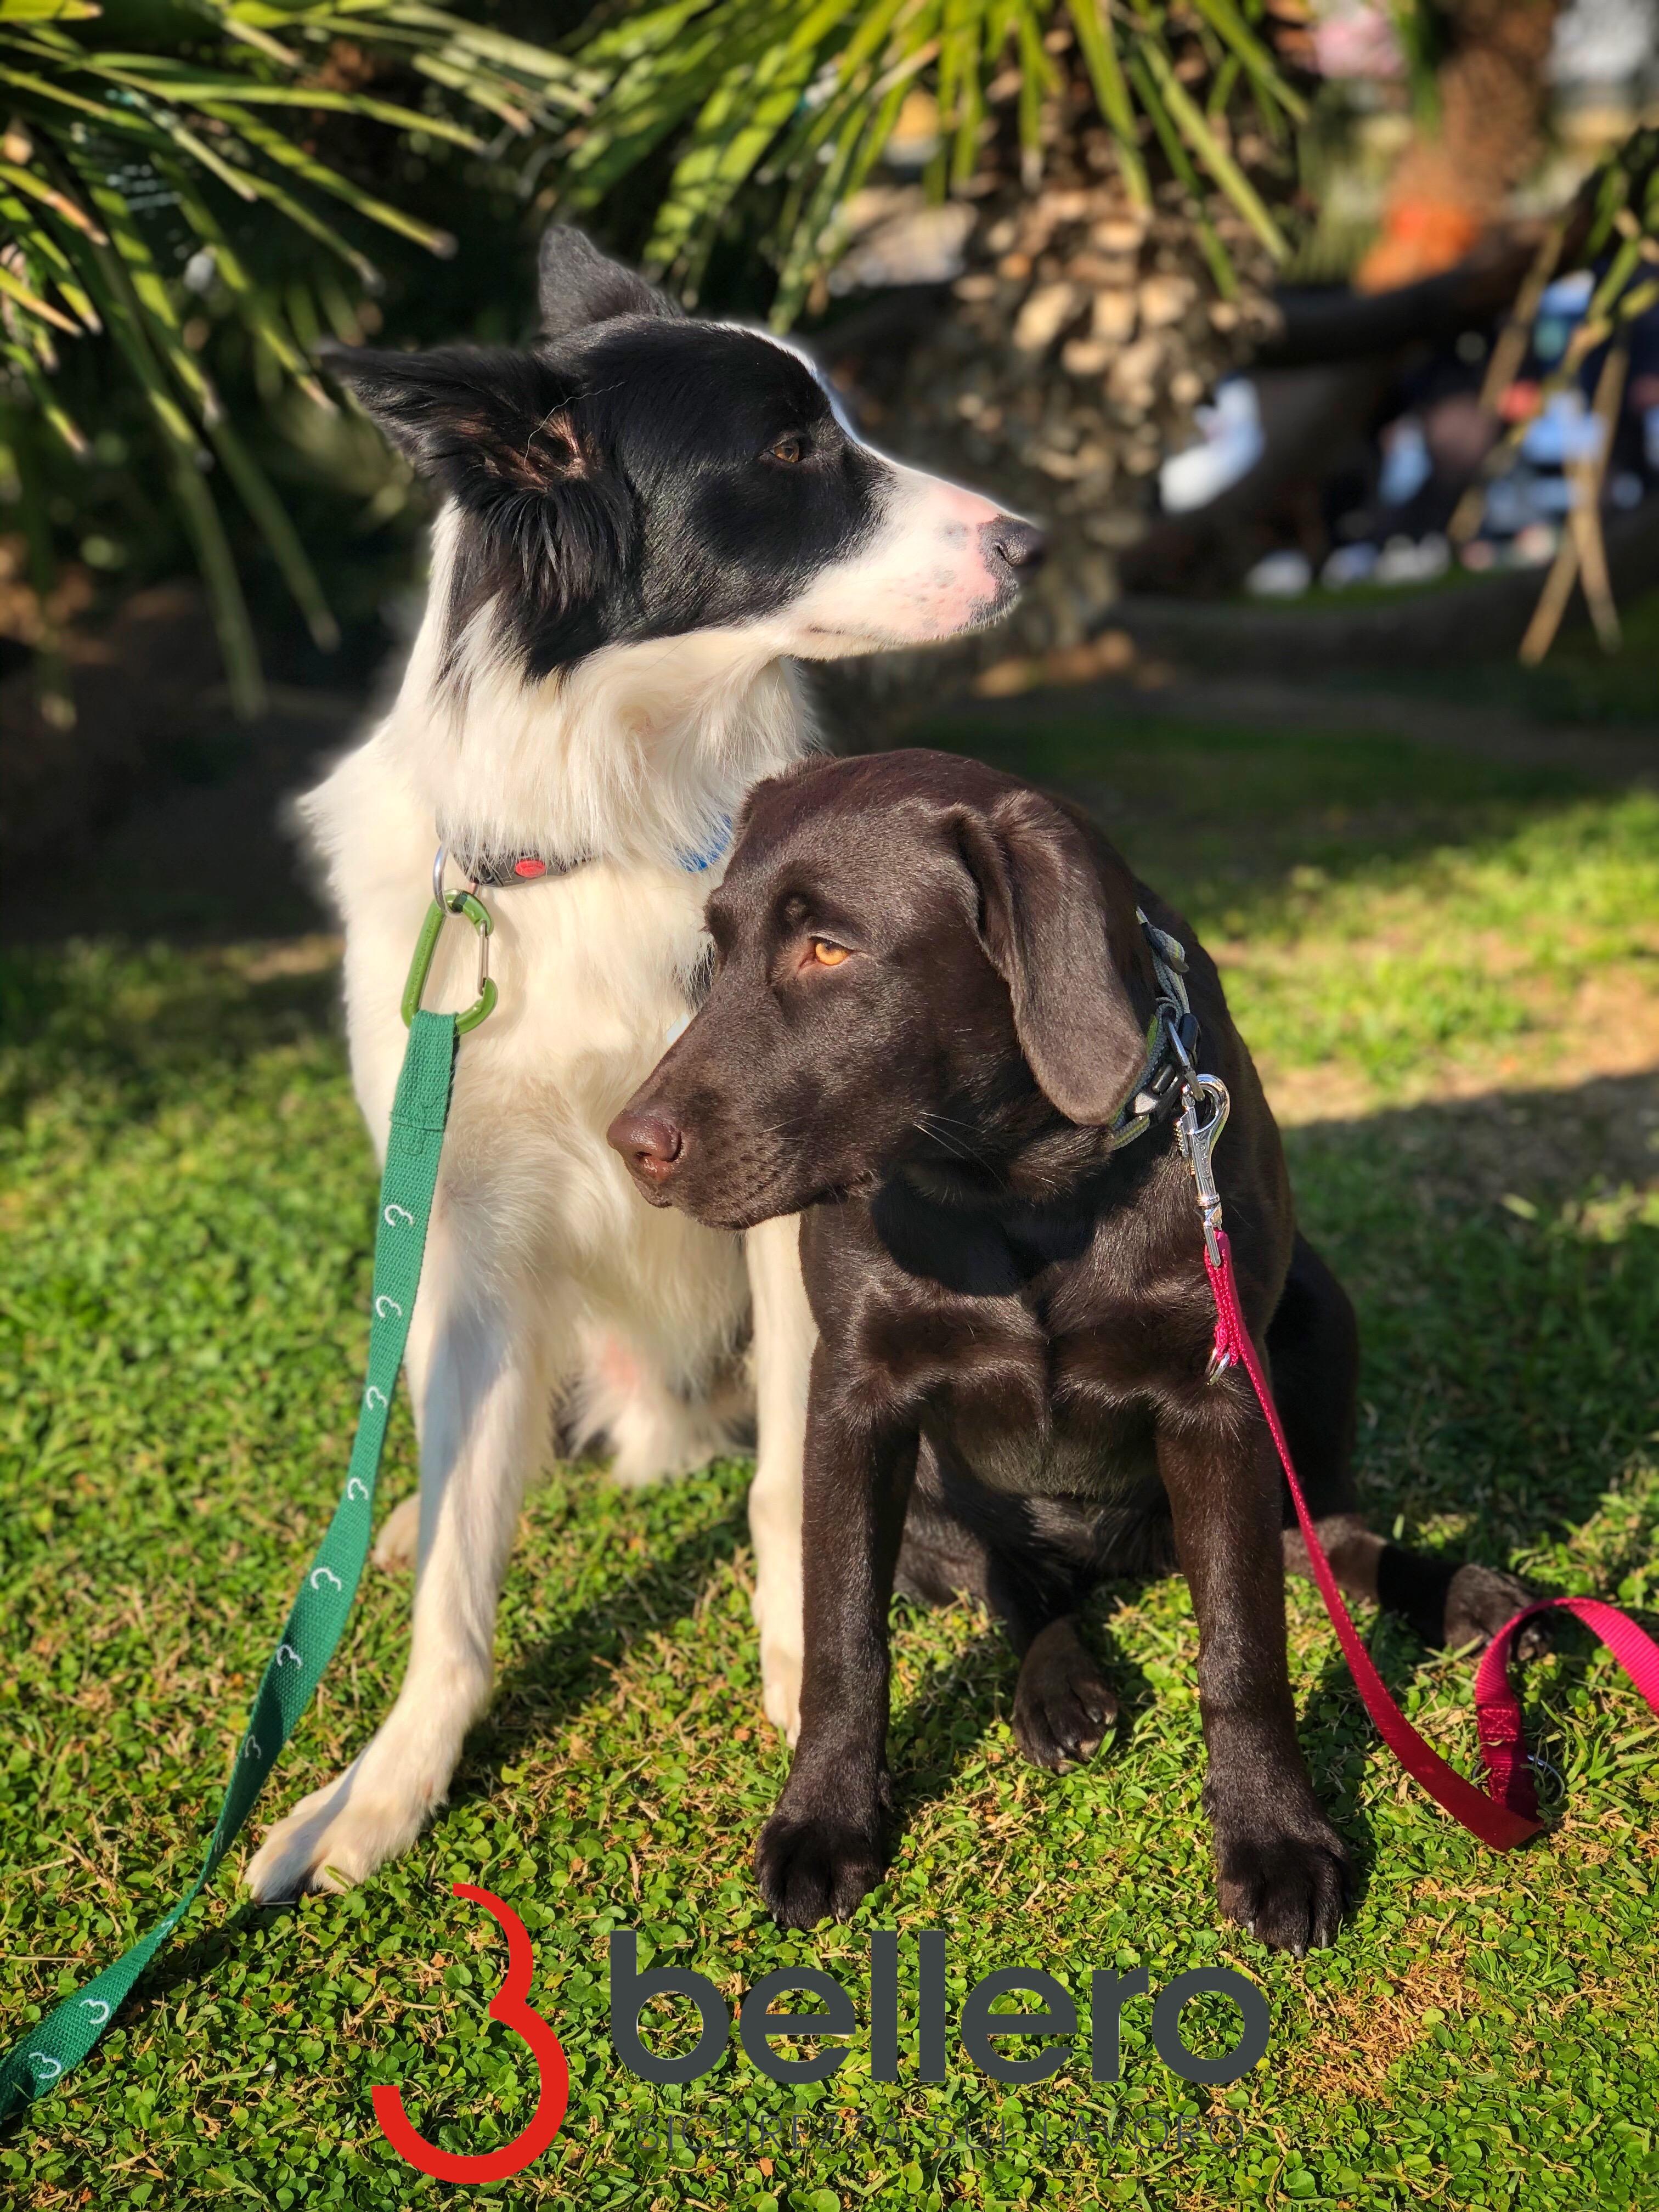 Nuove misure di prevenzione dei rischi, grazie ai cani